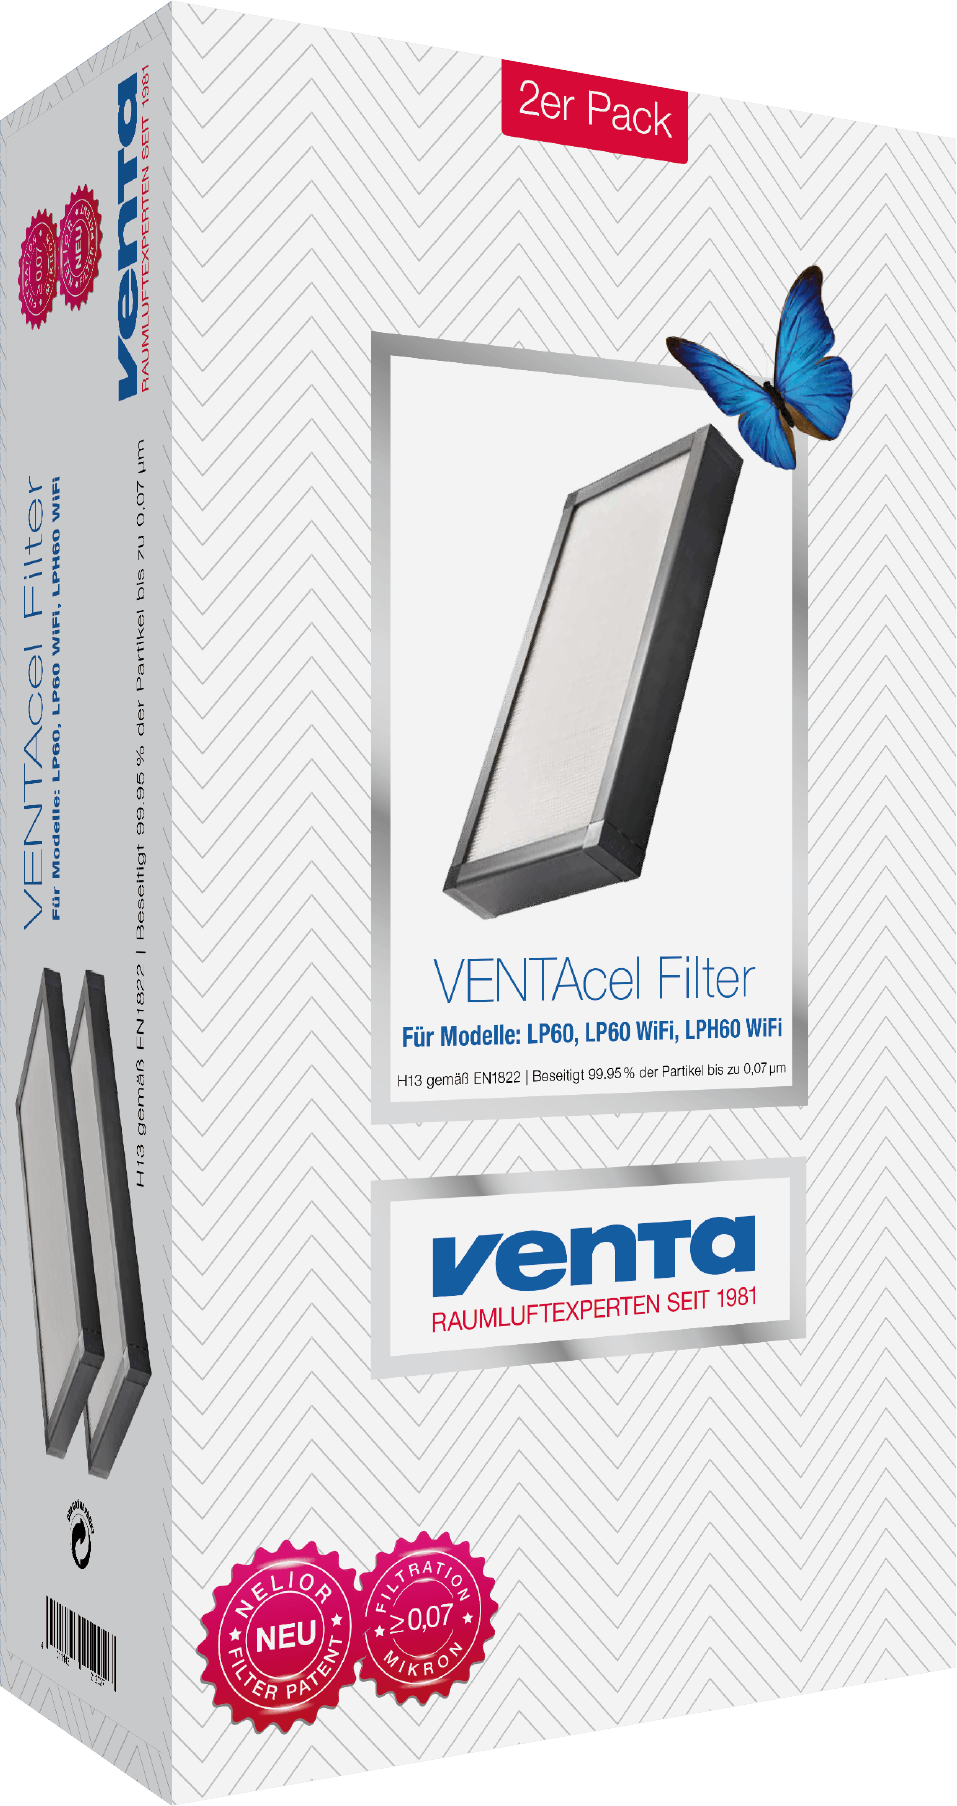 Premium VENTAcel H13 filter 2er